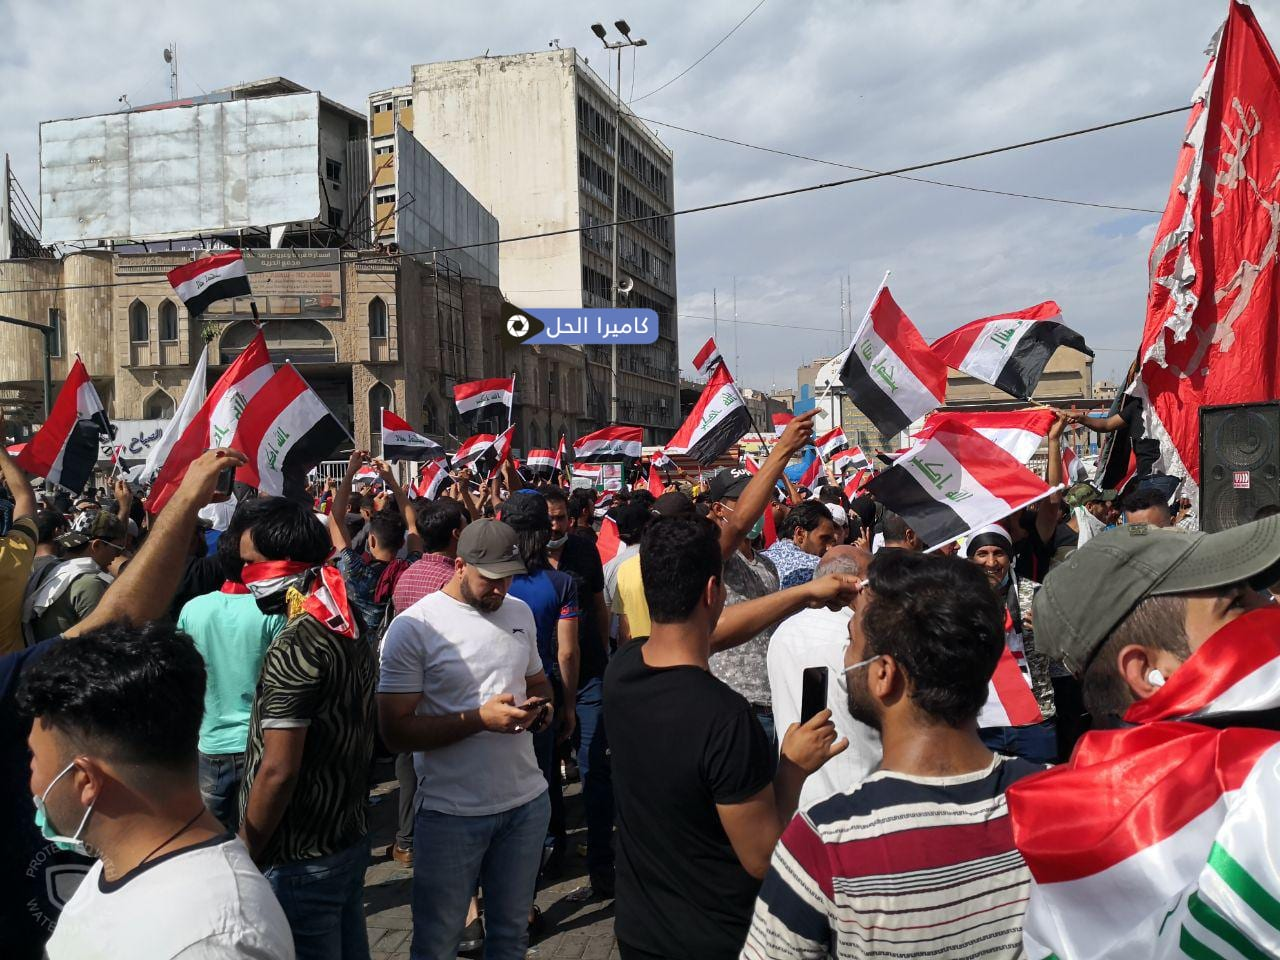 الاحتجاجات تتجدّد في ثلاث مدن عراقية: استراتيجية قطع الطرق